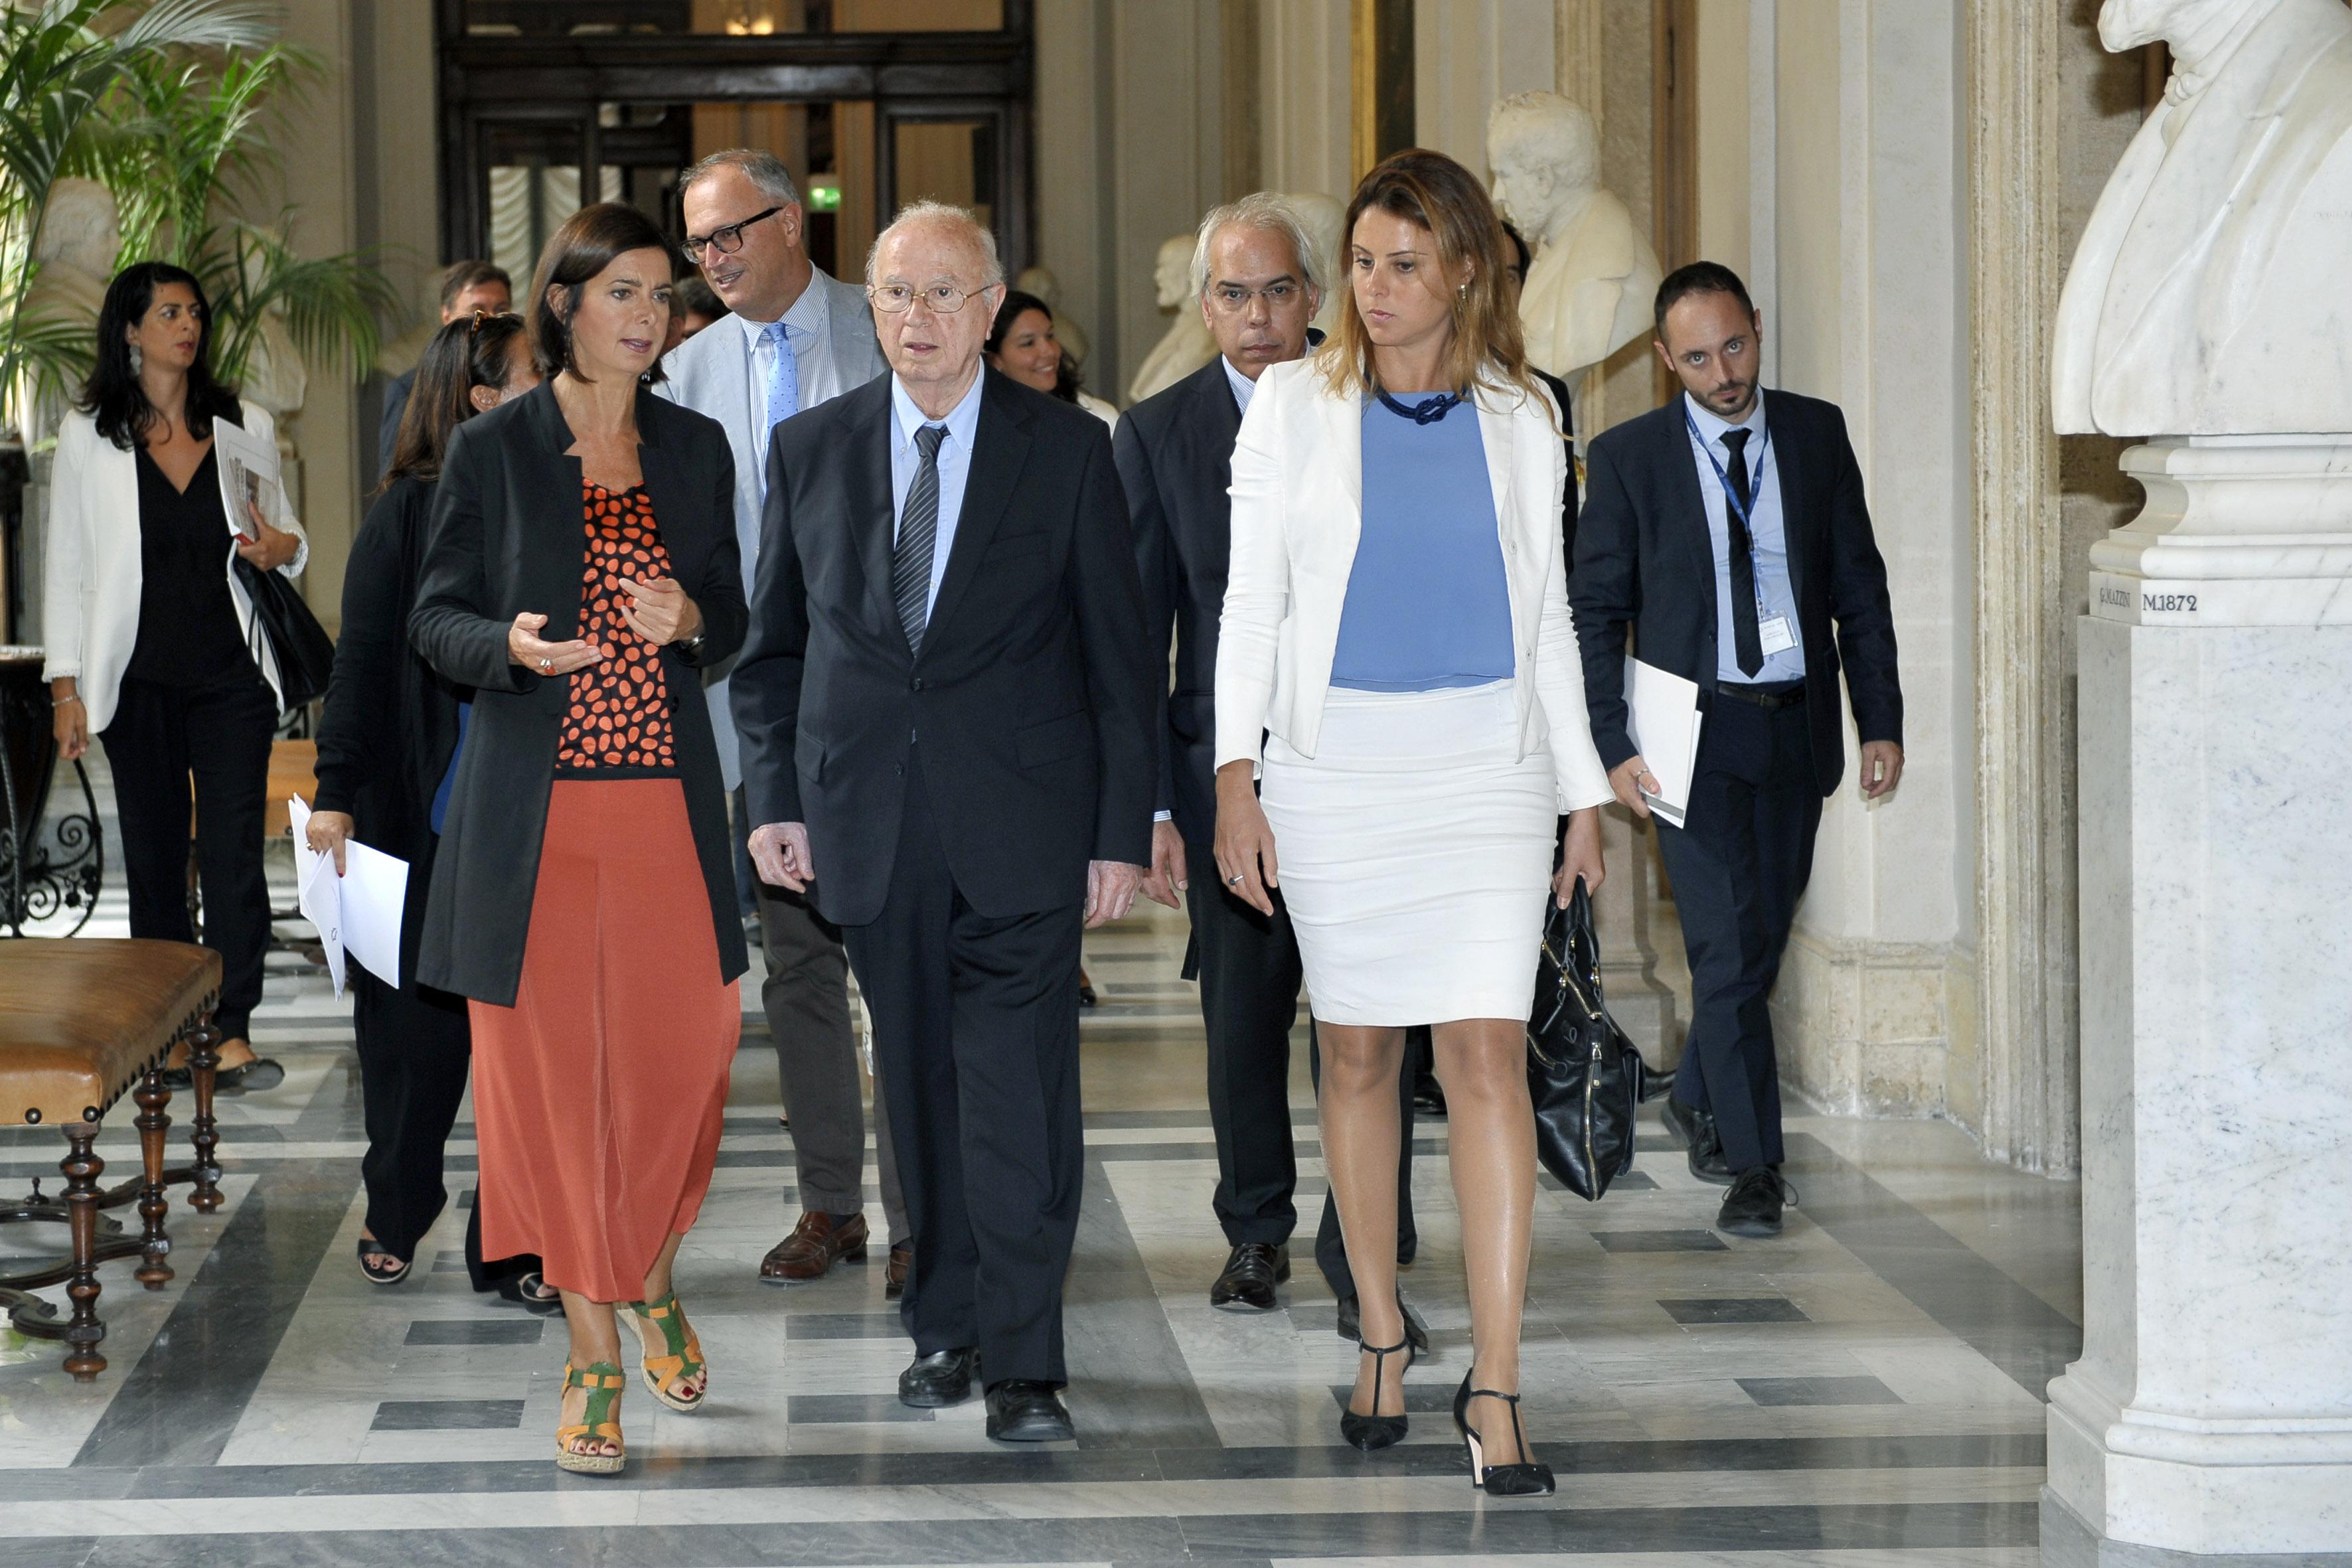 Presentazione Annuario italiano diritti umani 2015, Roma, 16 settembre 2015, la Presidente Boldrini, il Professor Papisca e l'onorevole Bueno